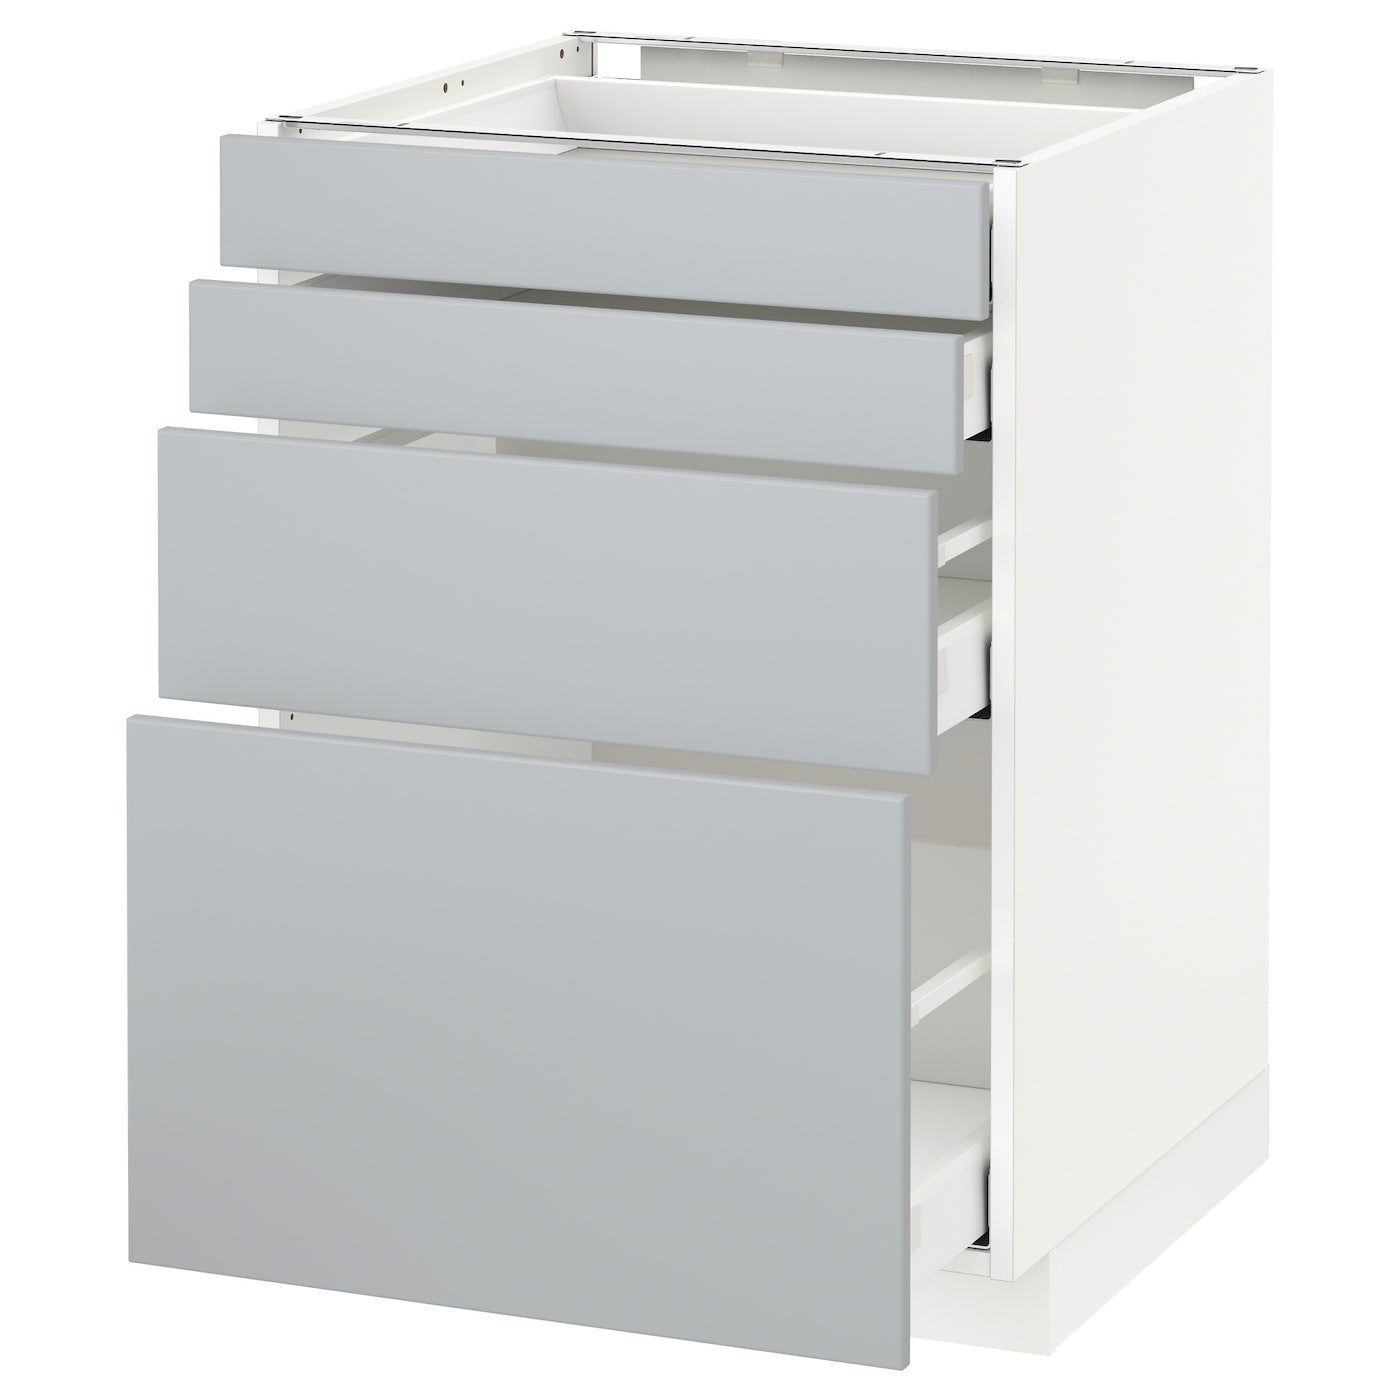 METOD / MAXIMERA Élt bas 15 faces/15 tiroirs - blanc/Veddinge gris 15x15 cm